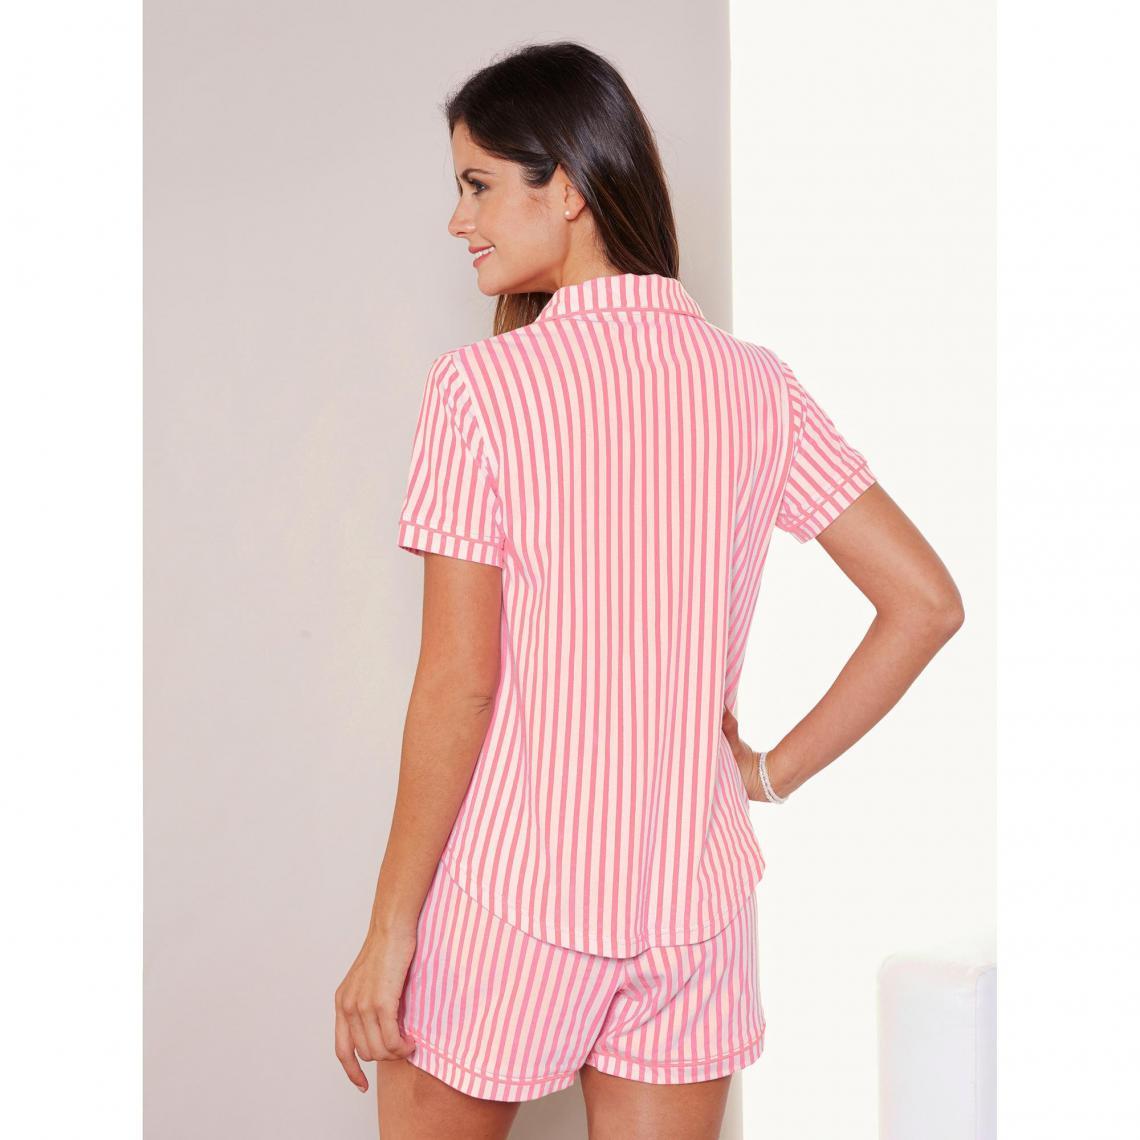 Pyjamas 3 SUISSES Cliquez l image pour l agrandir. Pyjama rayé chemise  manches courtes et short femme Exclusivité ... 2ac9d3e4097